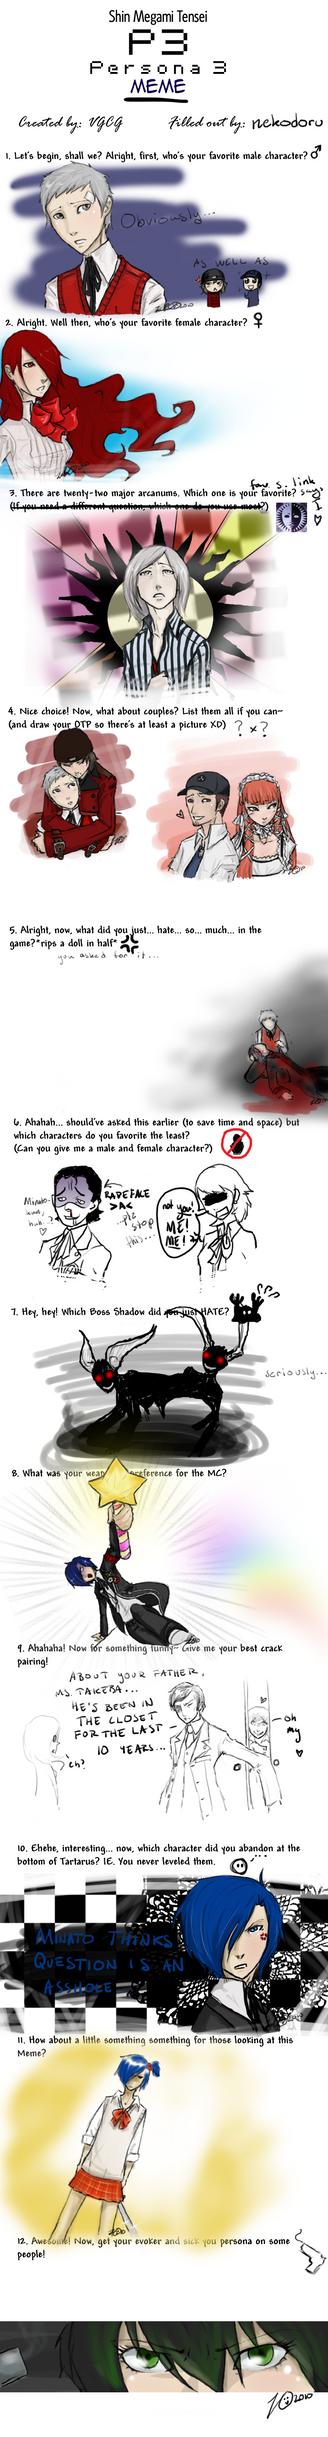 Persona 3 Meme by nekodoru